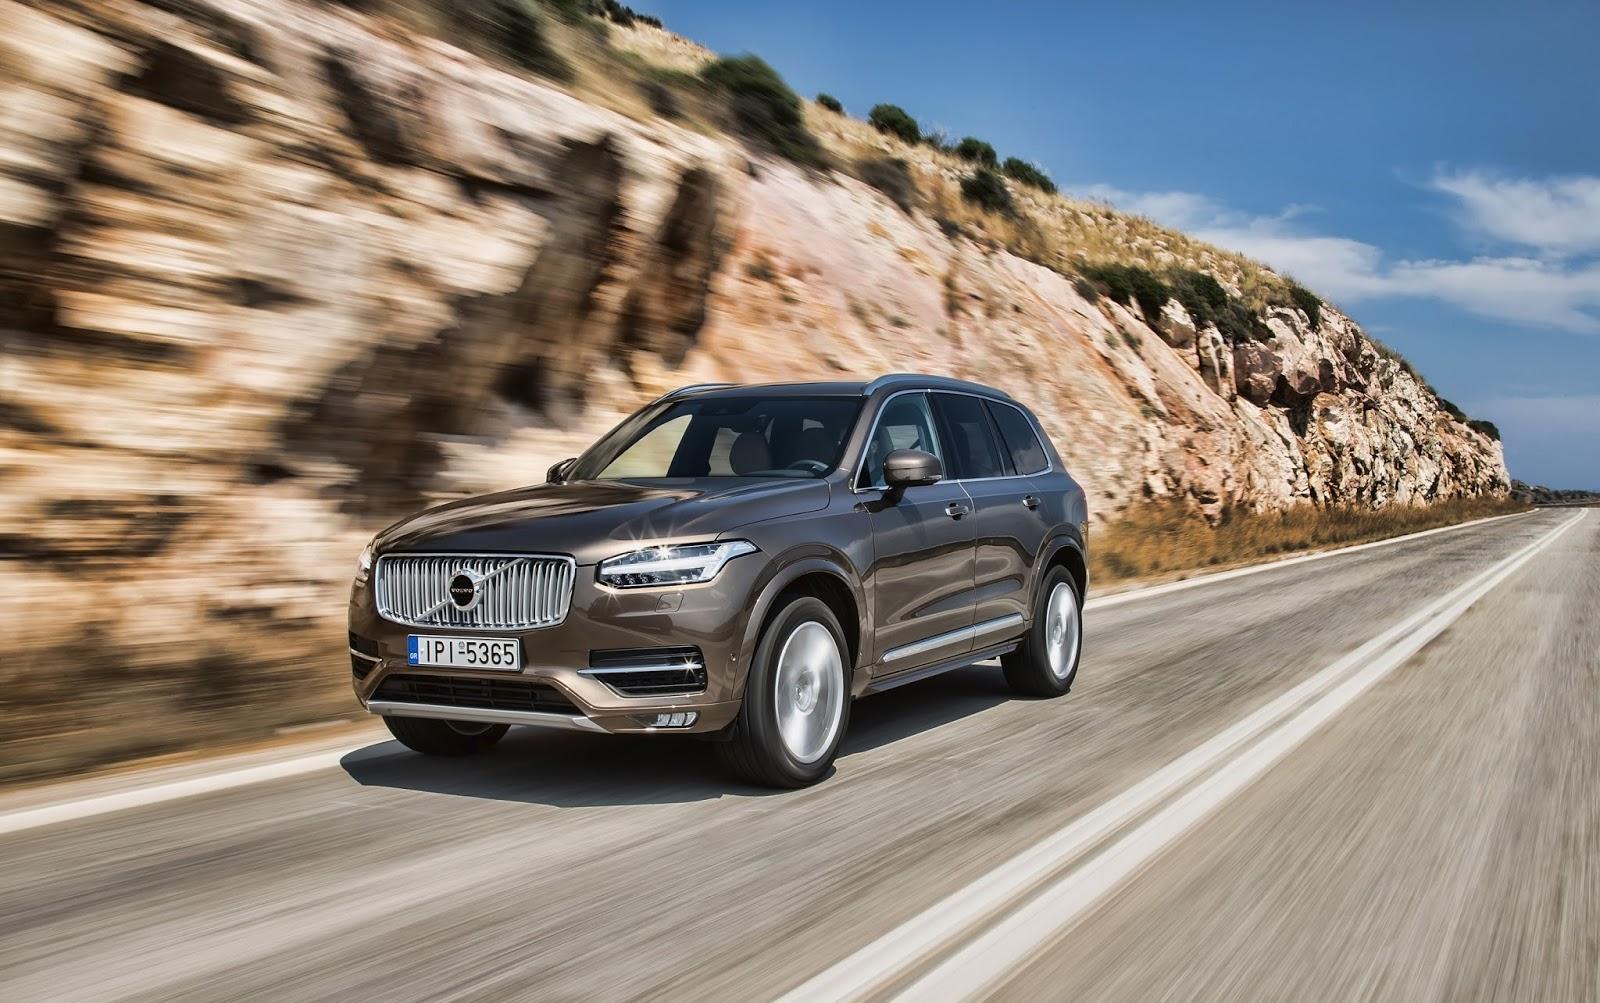 Το Volvo XC90 στην πρώτη θέση των πωλήσεων στα μεγάλα SUV στην Ελλάδα